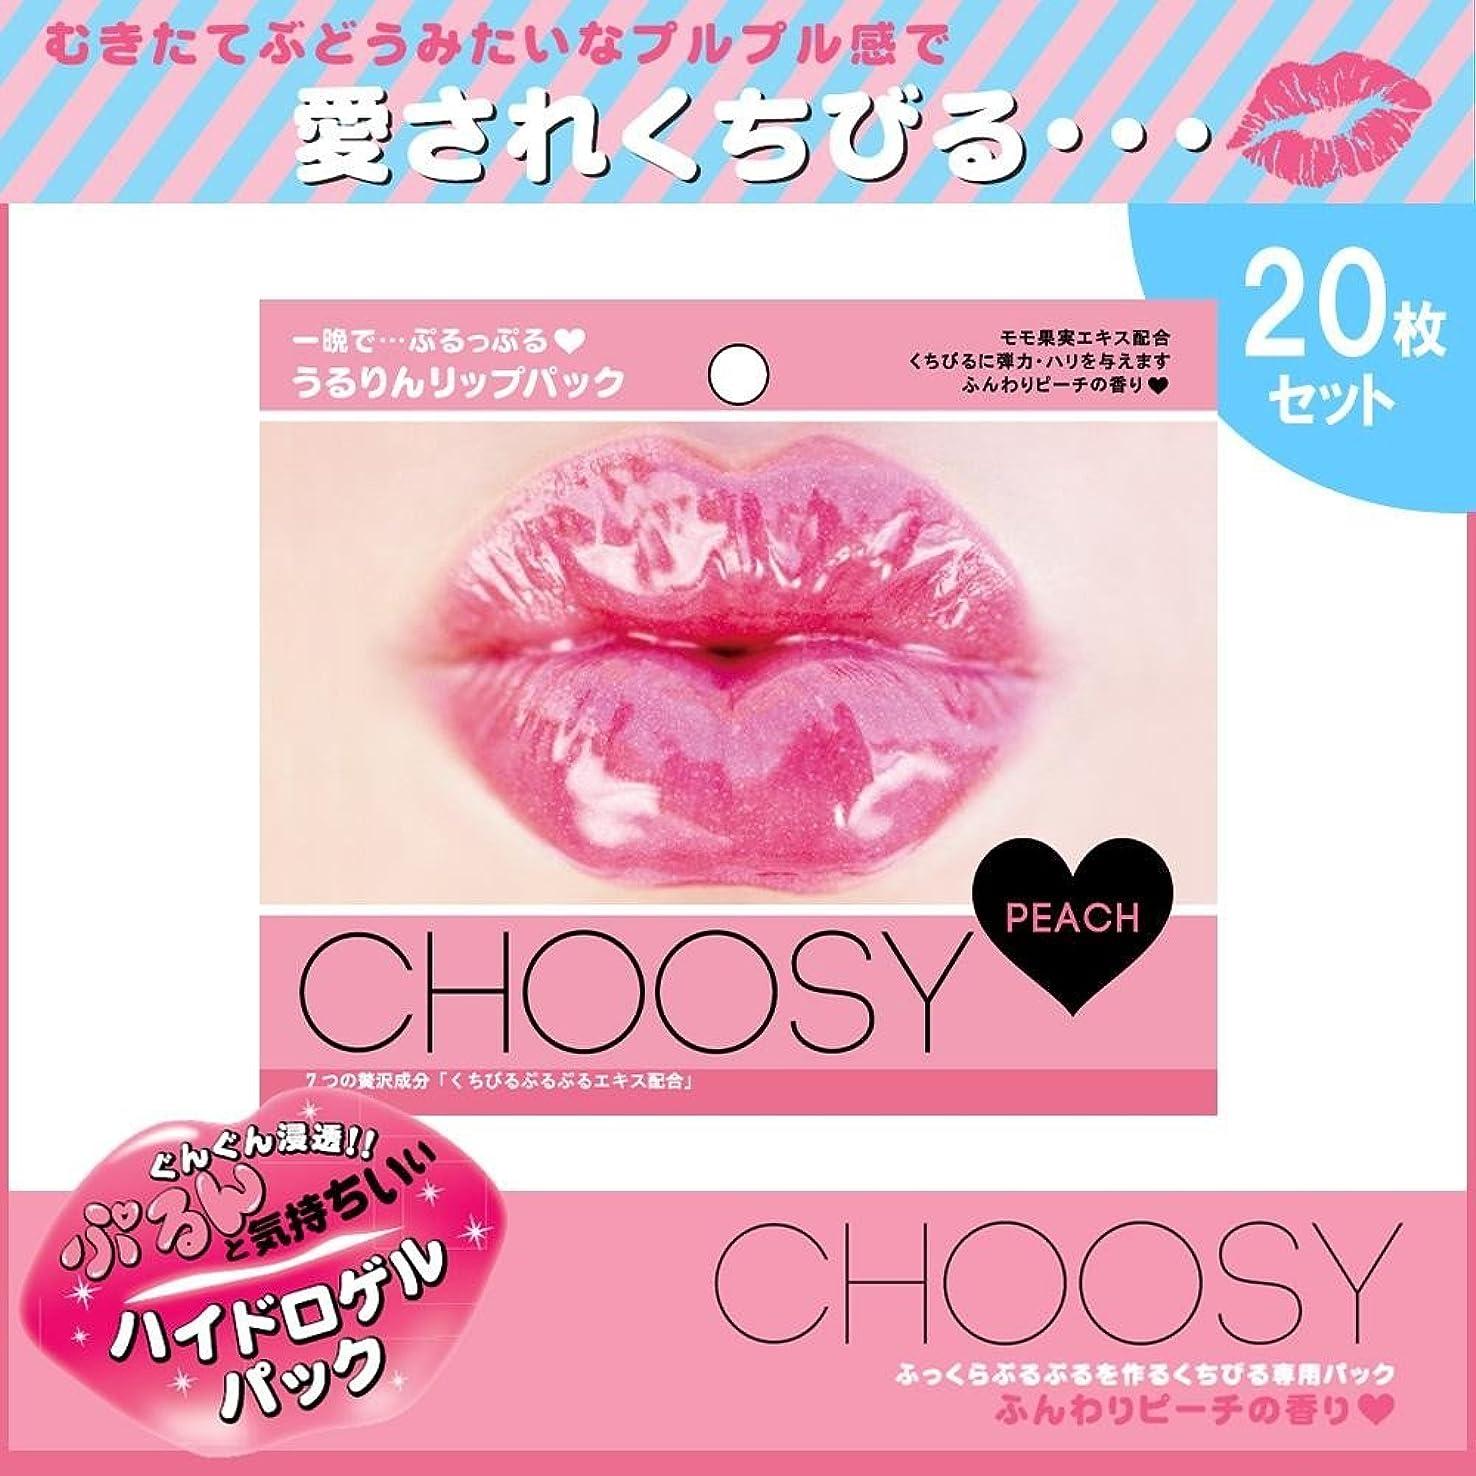 嘆願引き出しメリーPure Smile(ピュアスマイル) CHOOSY(チューシー) ハイドロゲルリップパック ピーチ 20枚セット